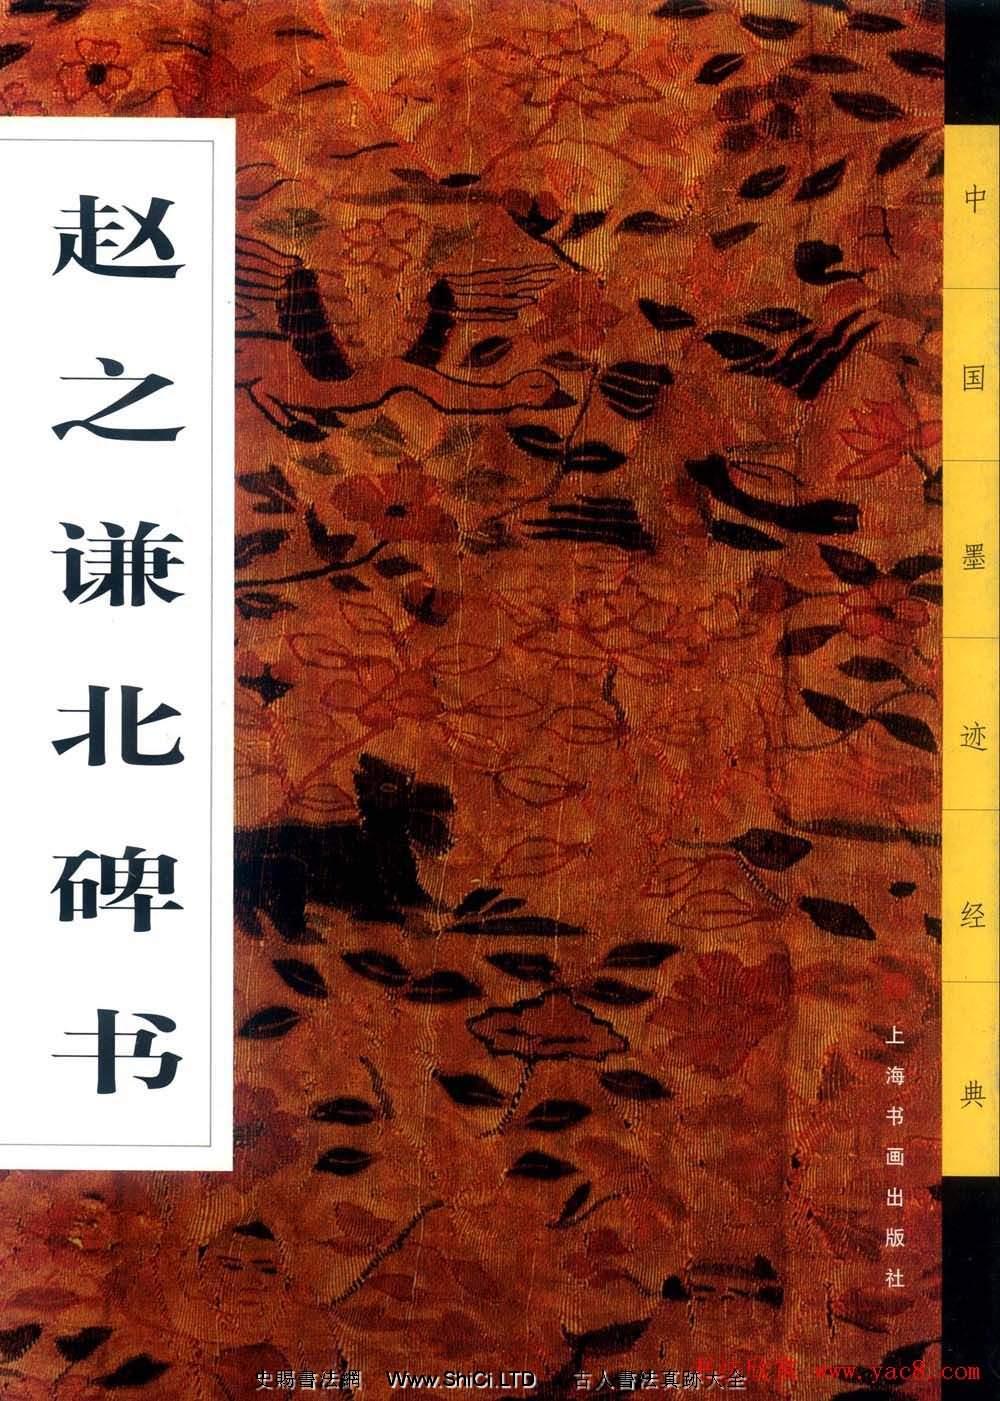 書畫大師趙撝叔字帖《趙之謙北碑書》(共18張圖片)